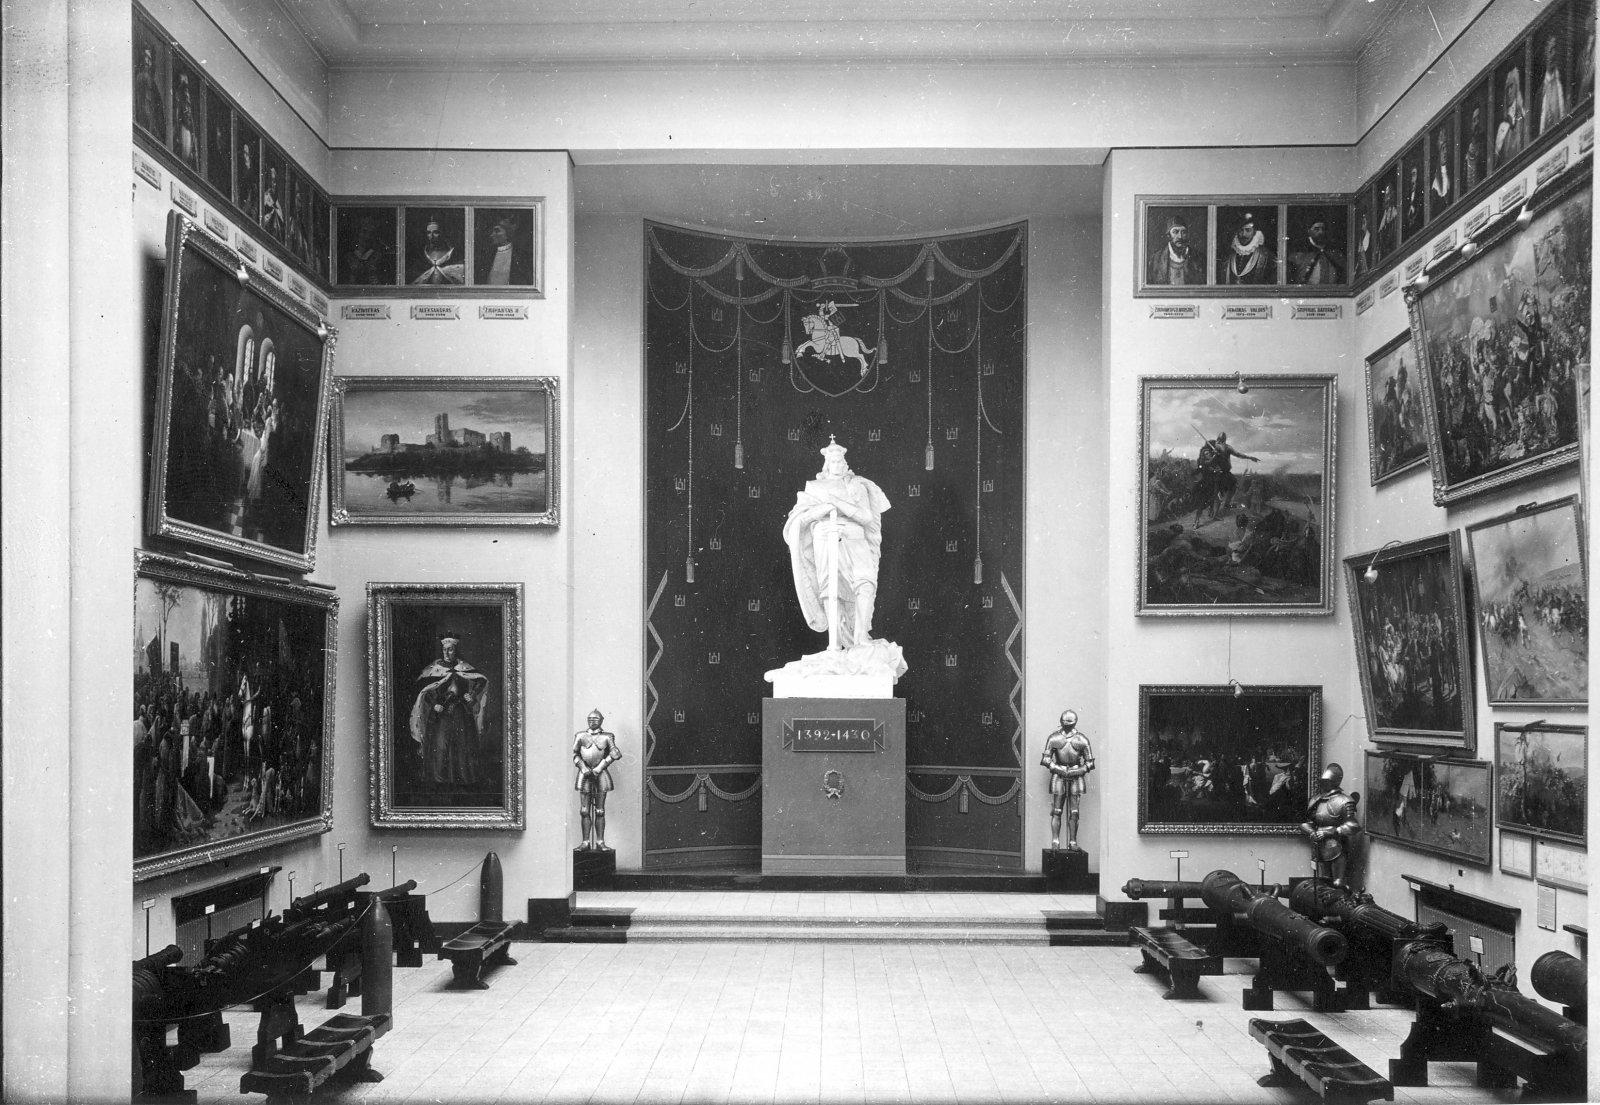 5 il. Vytauto Didžiojo karo muziejaus Vytauto Didžiojo kapela. 1939 m. Fotografas J. Timukas. Vytauto Didžiojo karo muziejaus nuosavybė, N – 1028